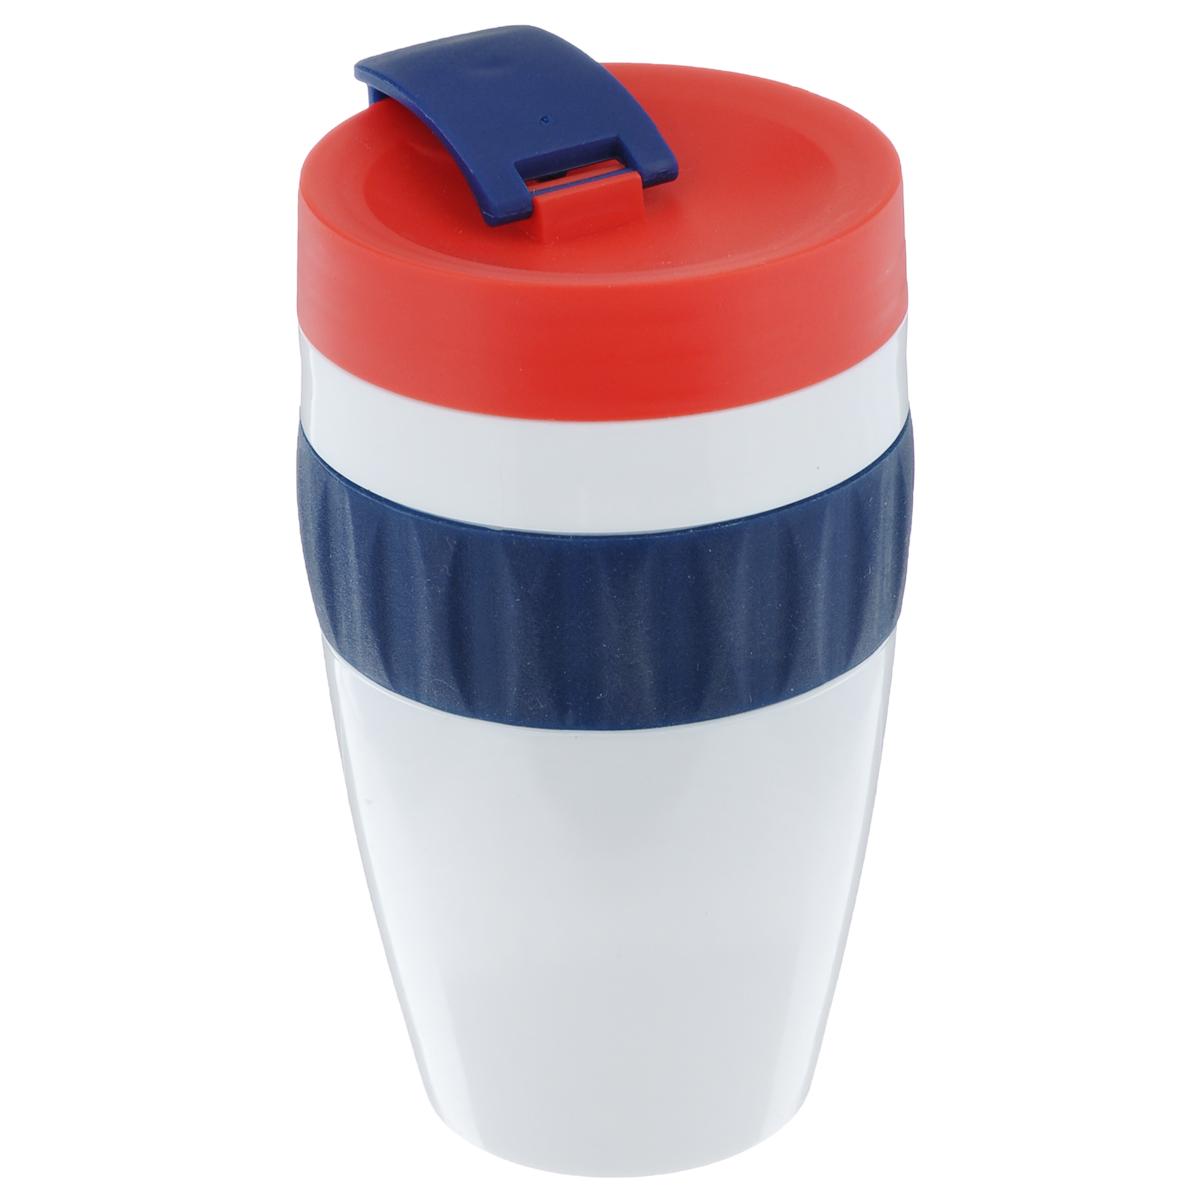 Кружка Sagaform для напитков на вынос, цвет: белый, синий, красный, 400 мл5017157Кружка Sagaform для напитков на вынос, выполненная из пищевого пластика, оснащена отвинчивающейся крышкой со специальным клапаном. Благодаря такой крышке кружку можно брать с собой в дорогу или на прогулку. Резиновая вставка на корпусе изделия предотвращает скольжение в руках. Объем: 400 мл. Диаметр (по верхнему краю): 7 см. Высота кружки (без учета крышки): 13 см.